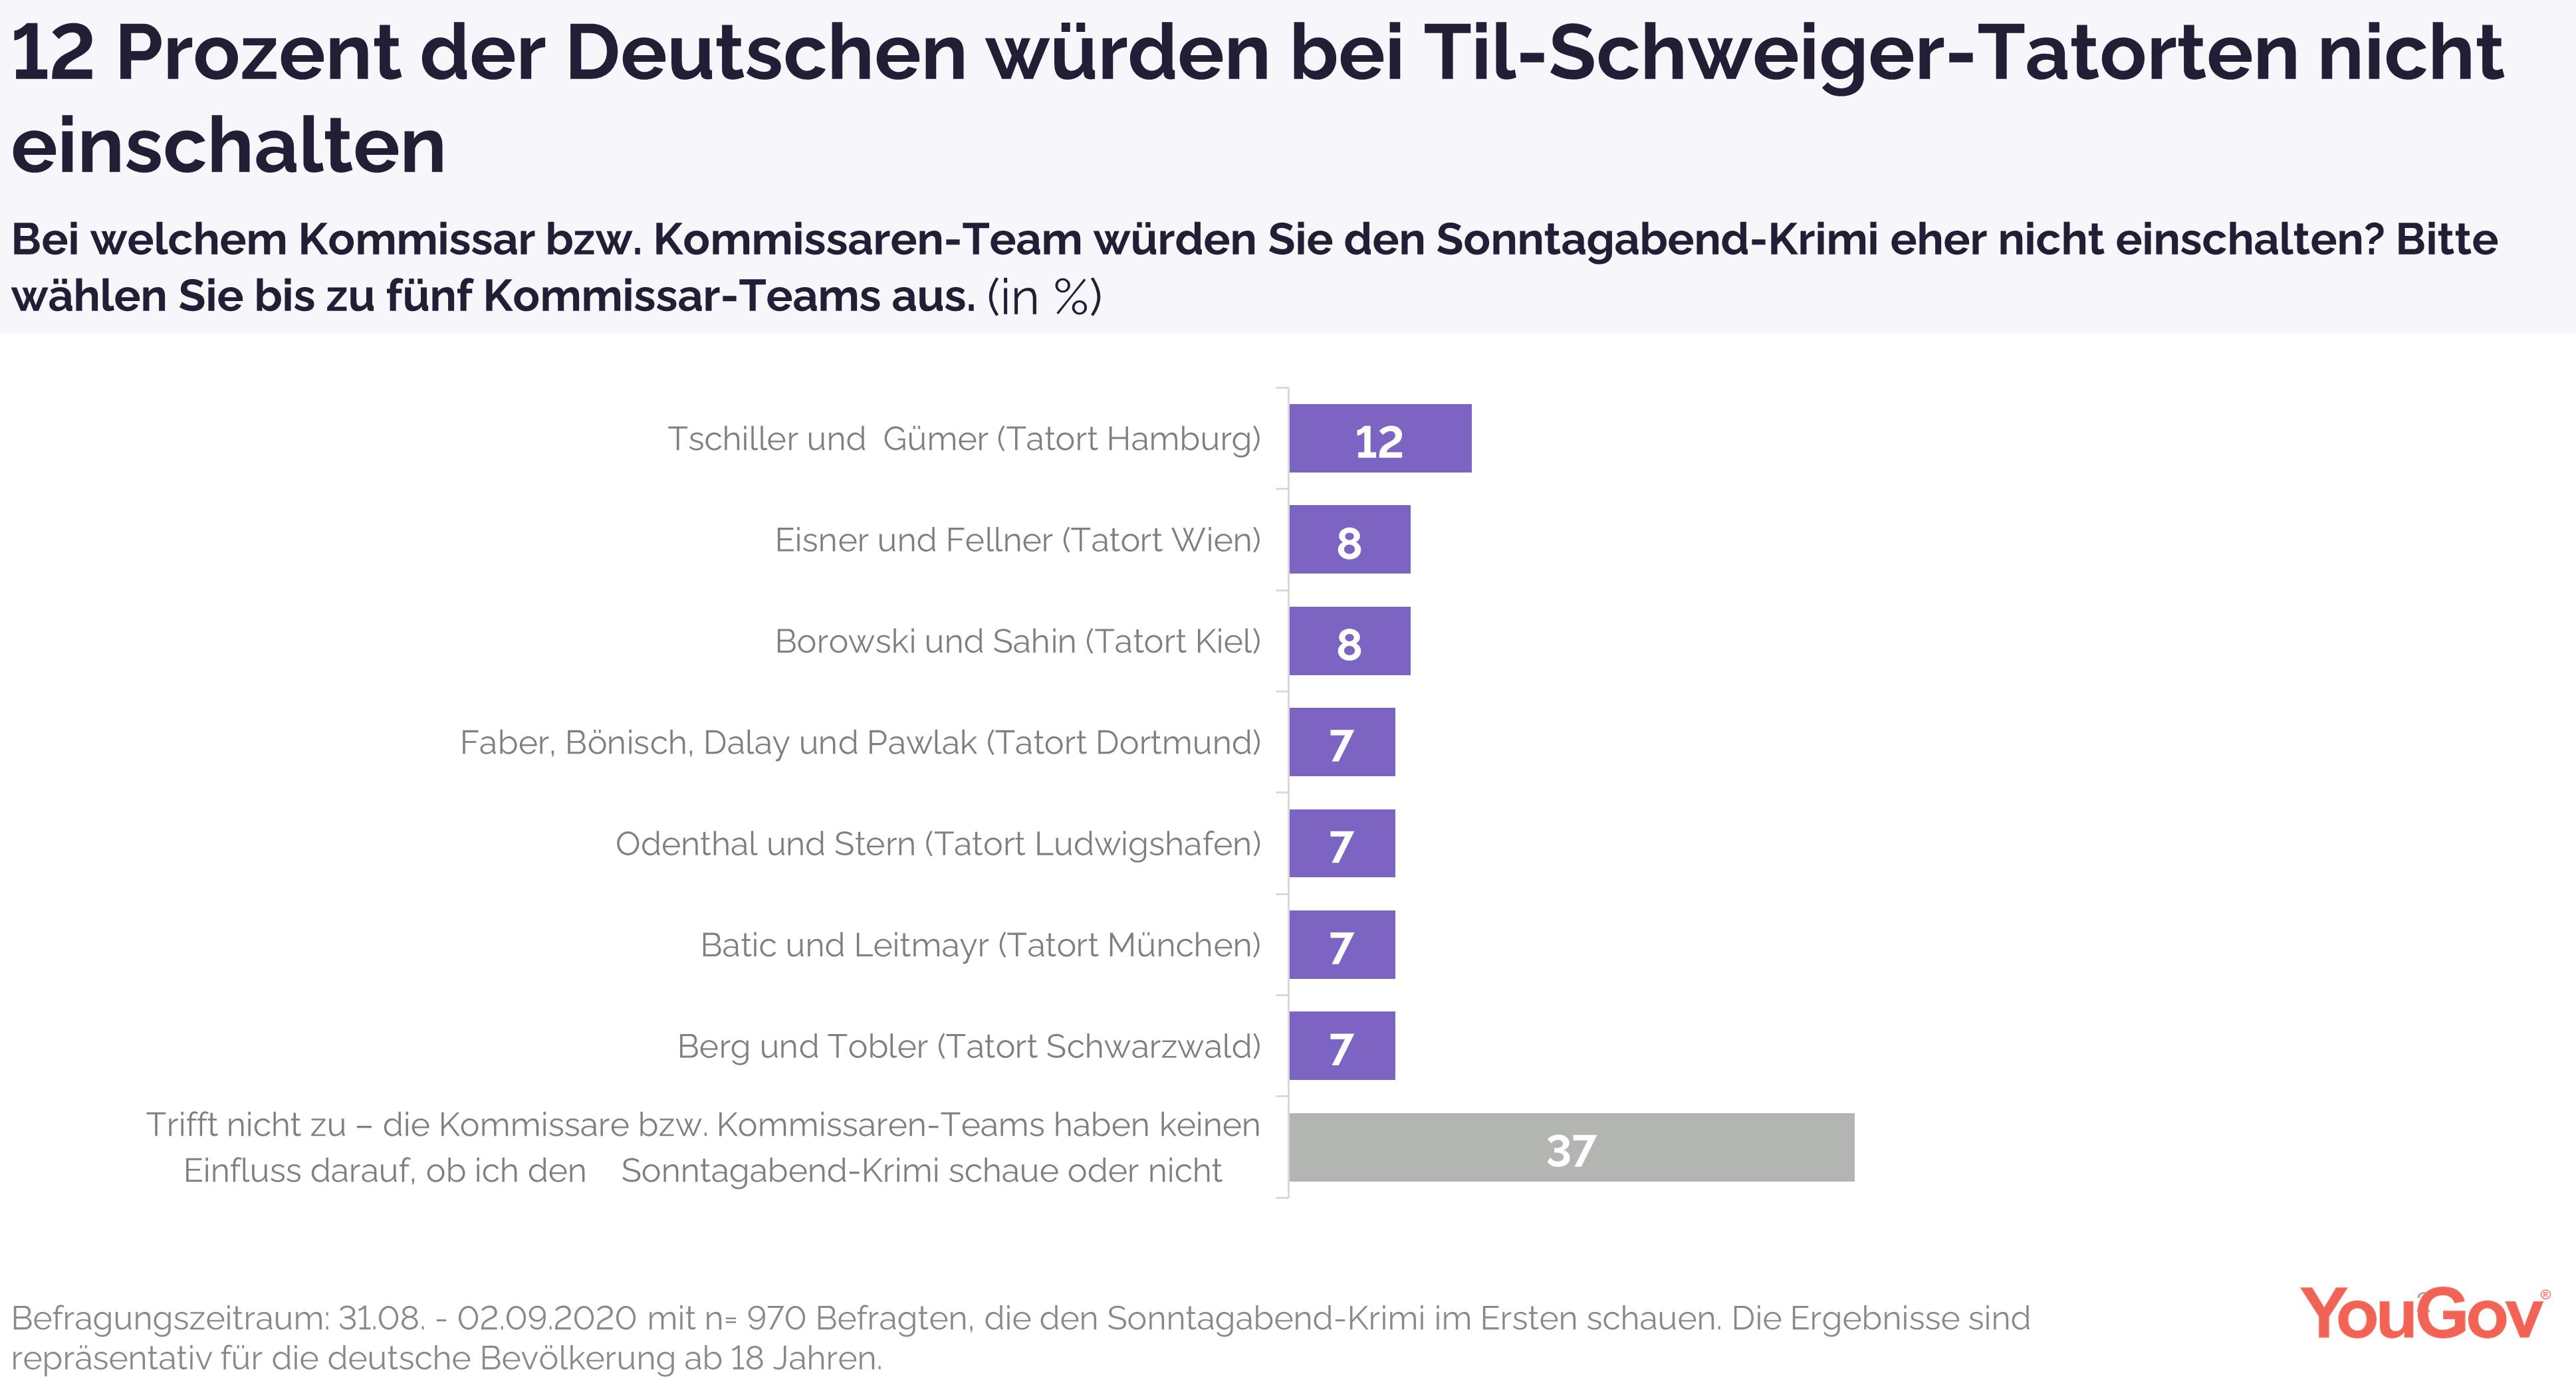 12 Prozent schalten bei Til-Schweiger-Tatorten nicht ein